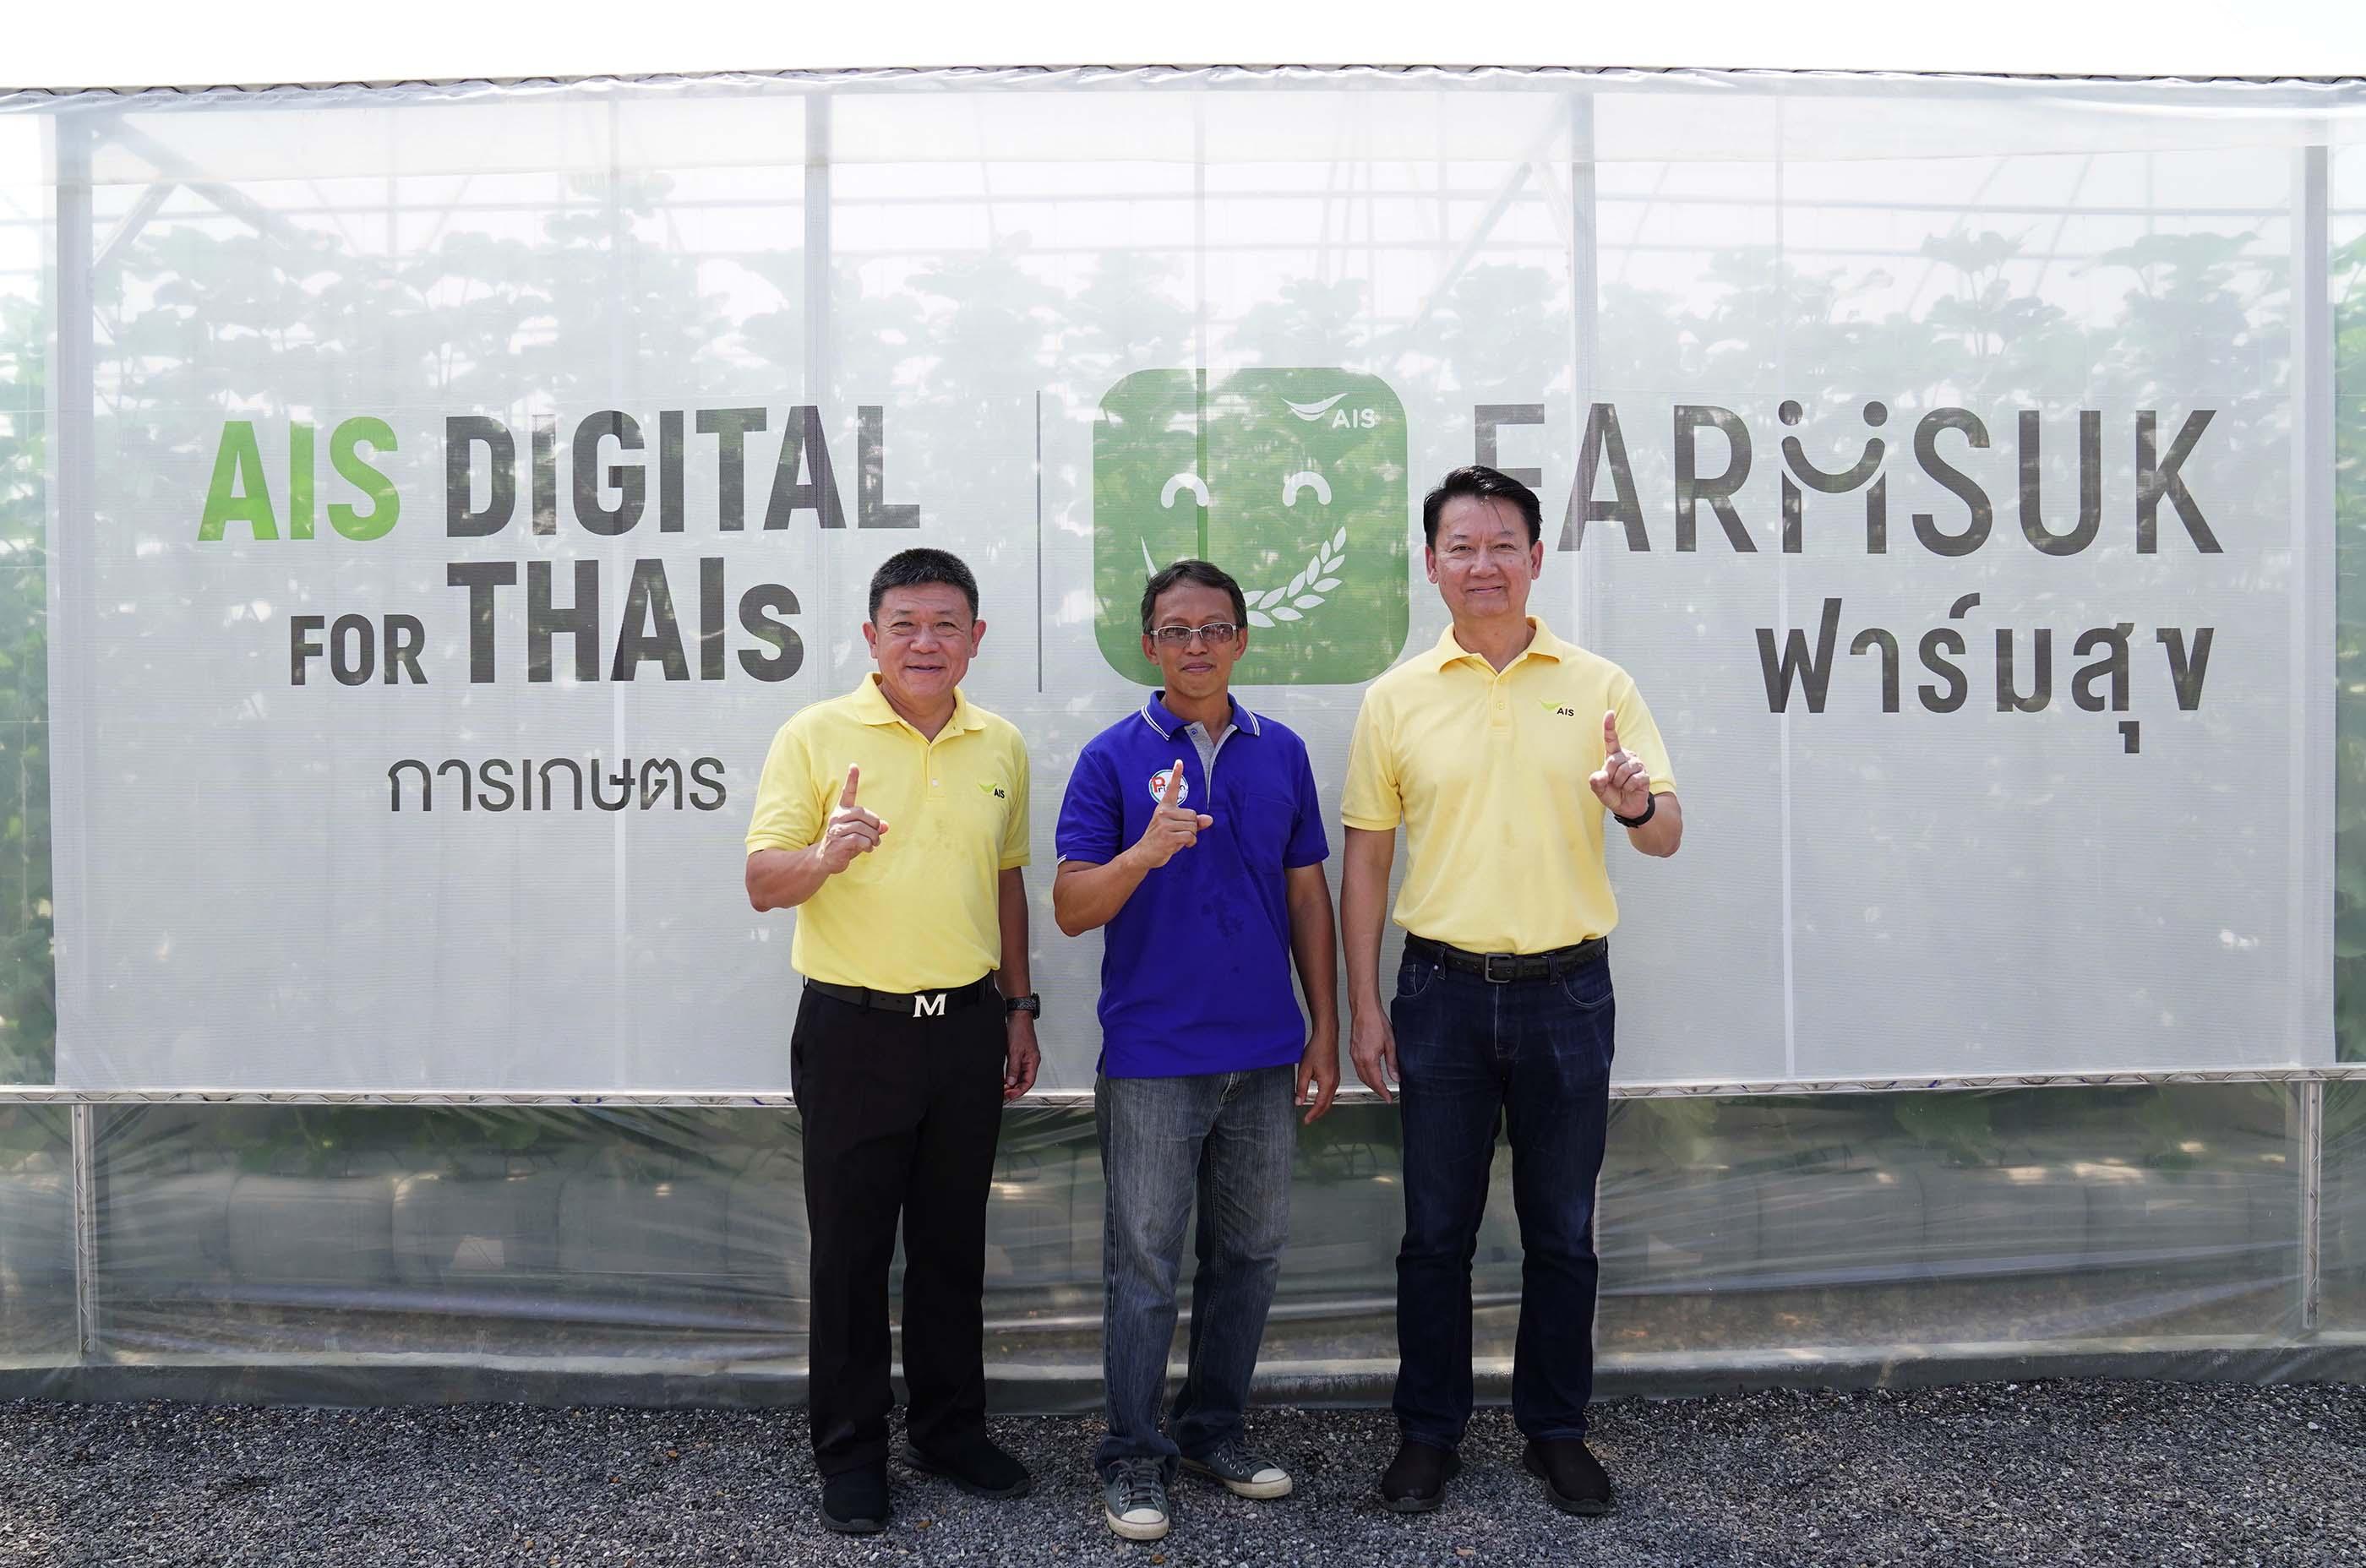 AIS digital for thais x iFarm